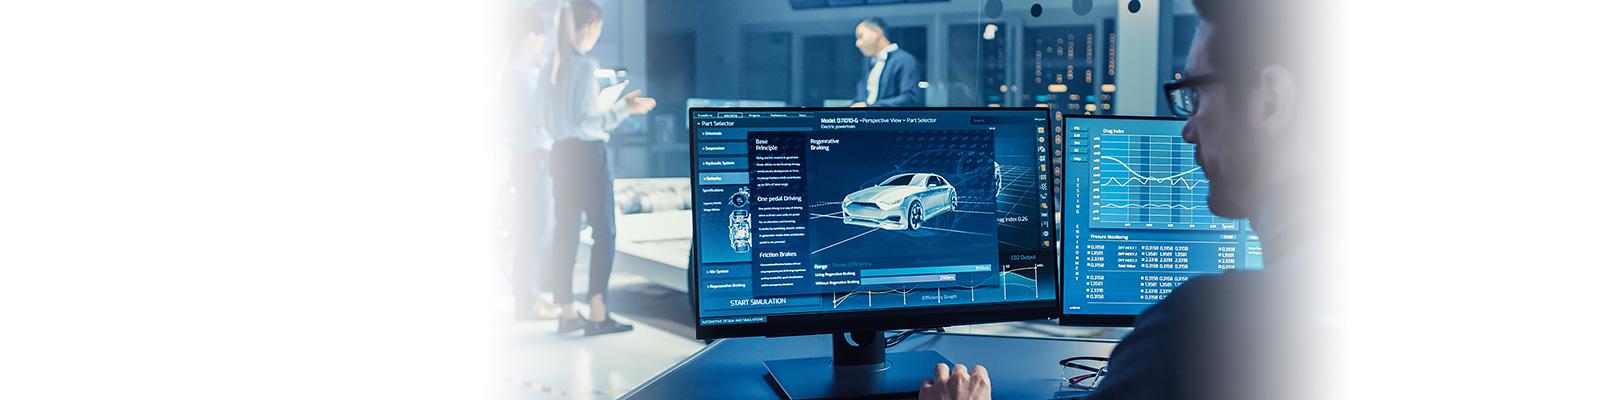 製造 自動車 コンピューティング イメージ